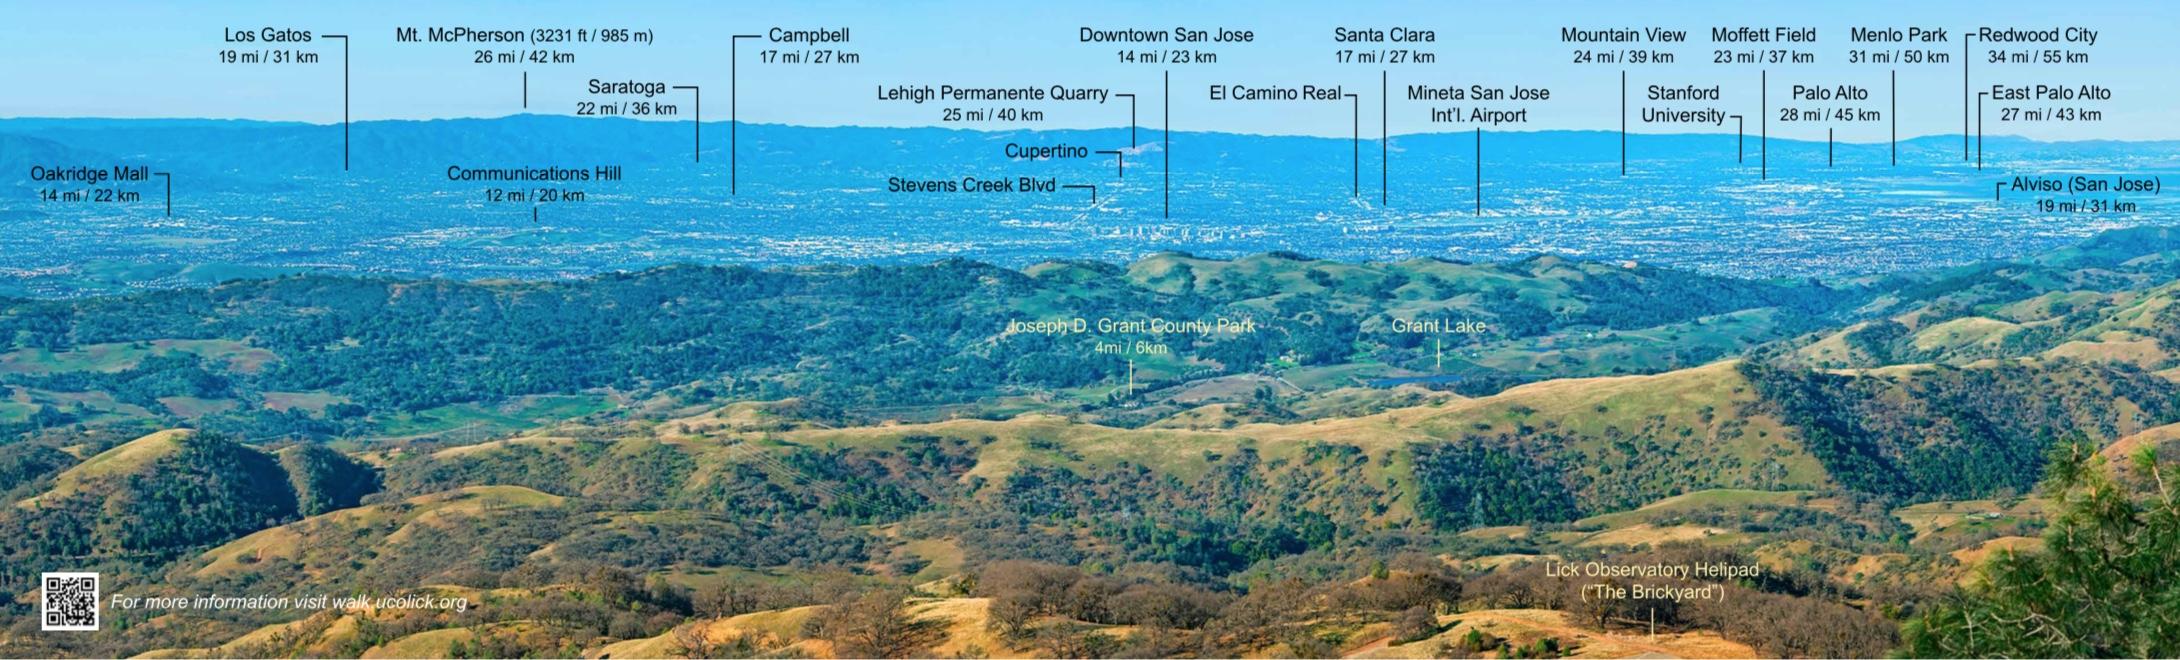 Panoramic Views: Northwestern View